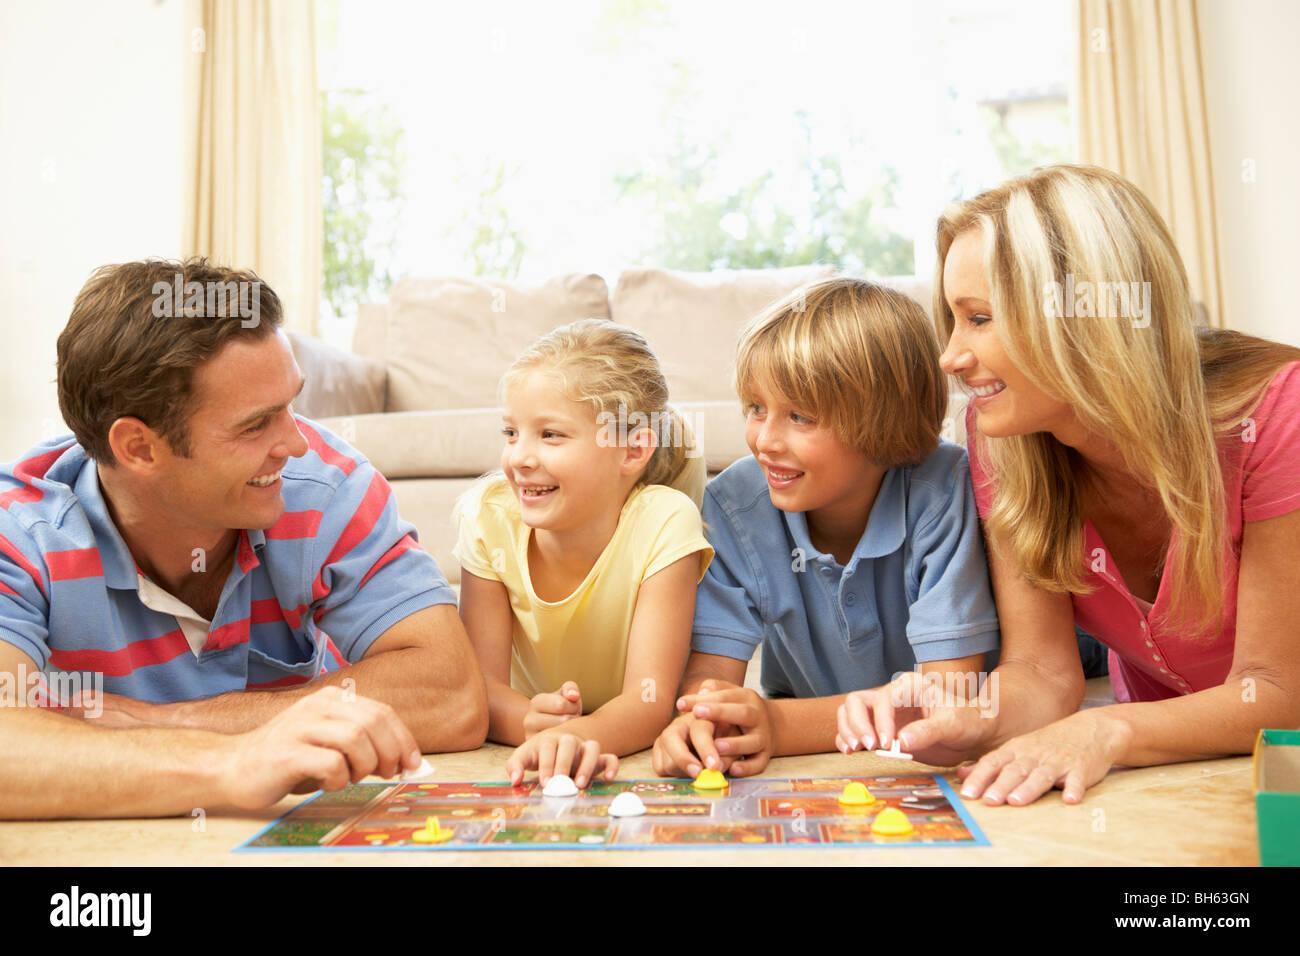 Familie Brettspiel zu Hause Stockfoto